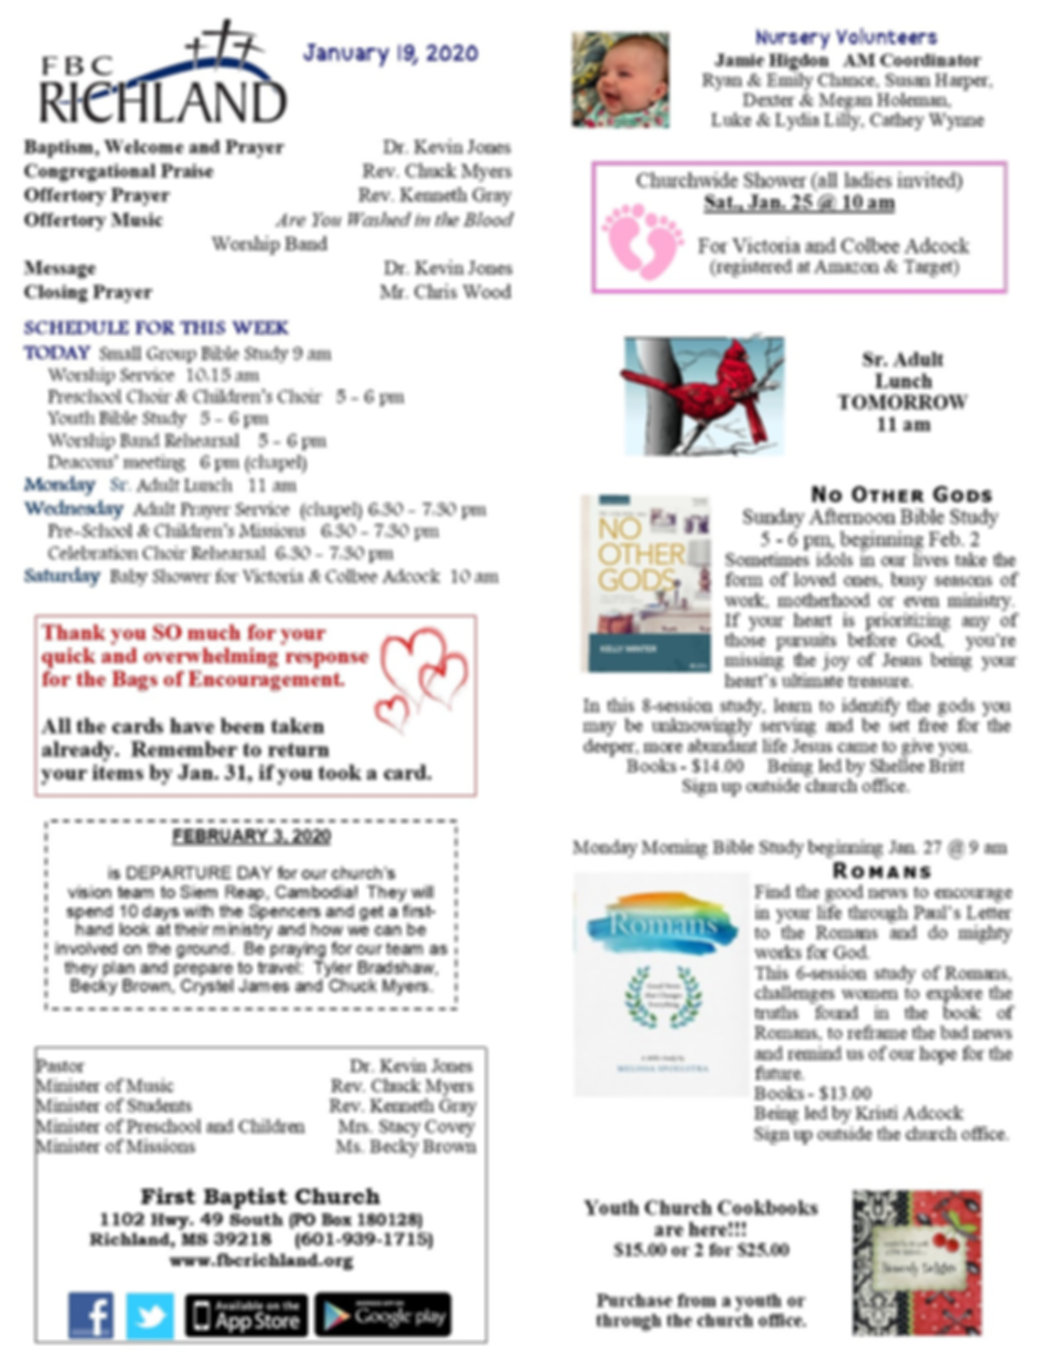 bulletin 1-19-20.jpg